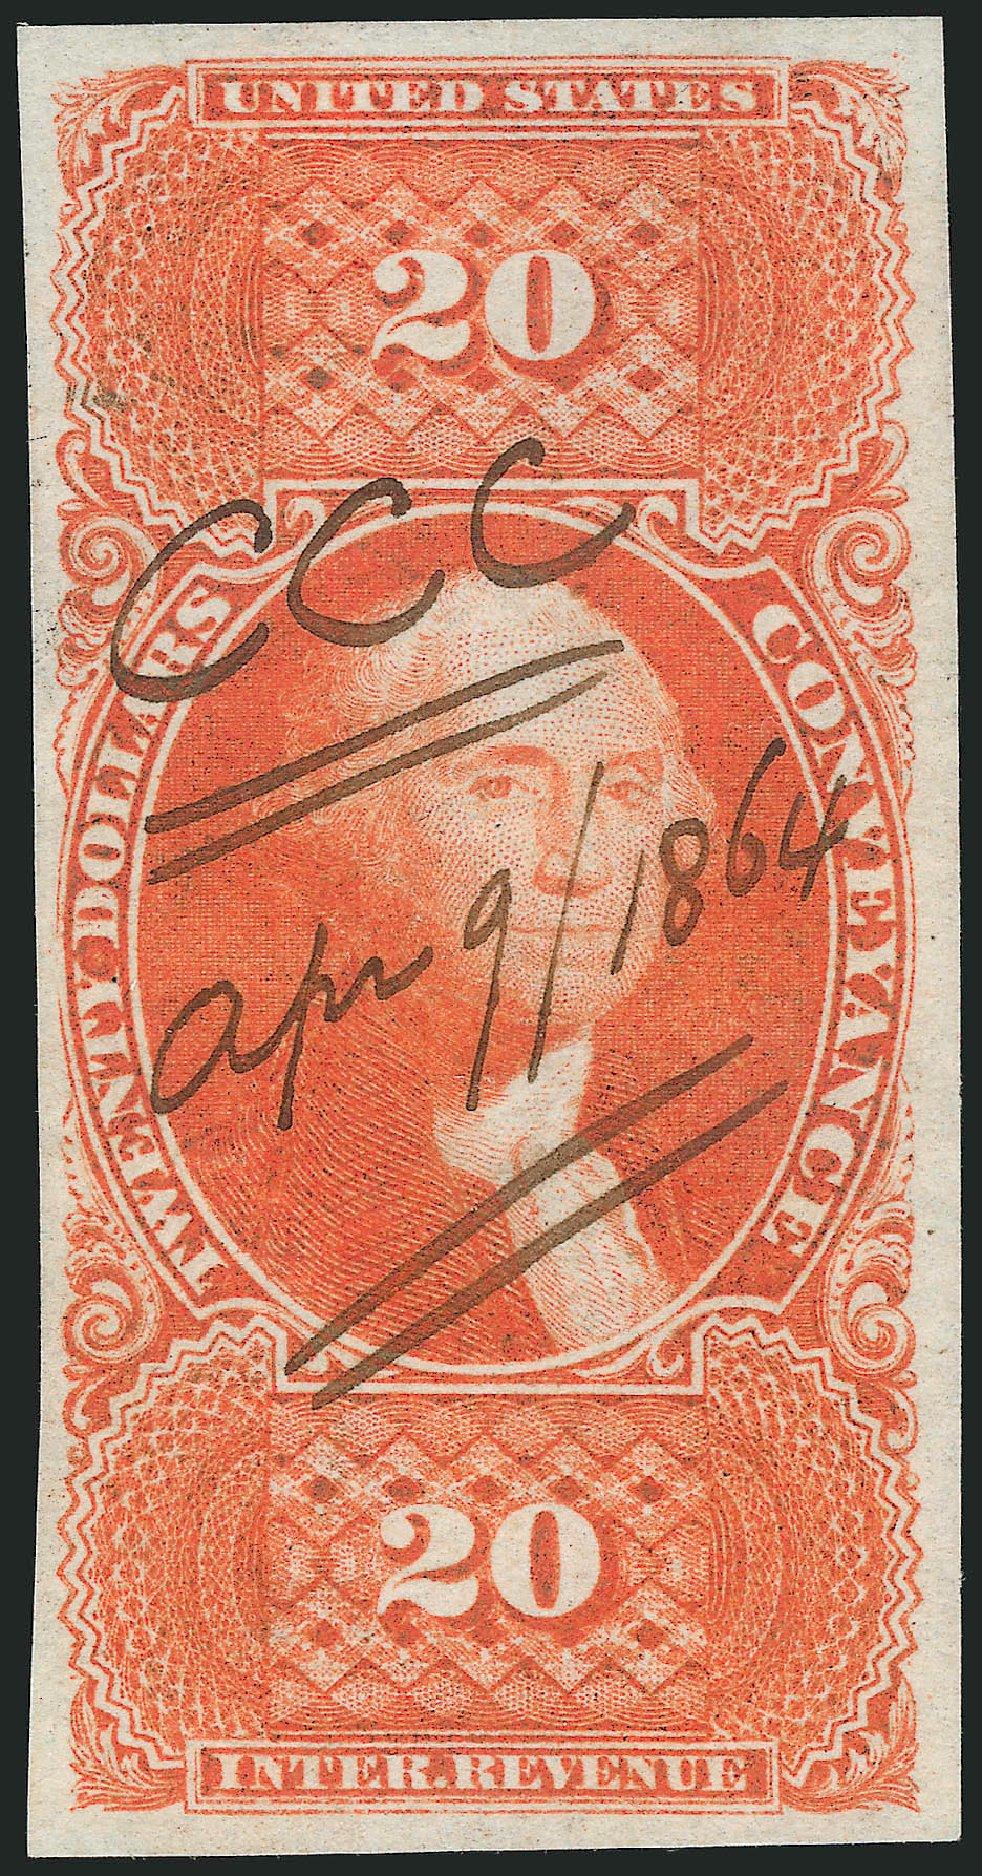 Value of US Stamps Scott Catalog R98 - US$20.00 1862 Revenue Conveyance. Robert Siegel Auction Galleries, Mar 2014, Sale 1066, Lot 39